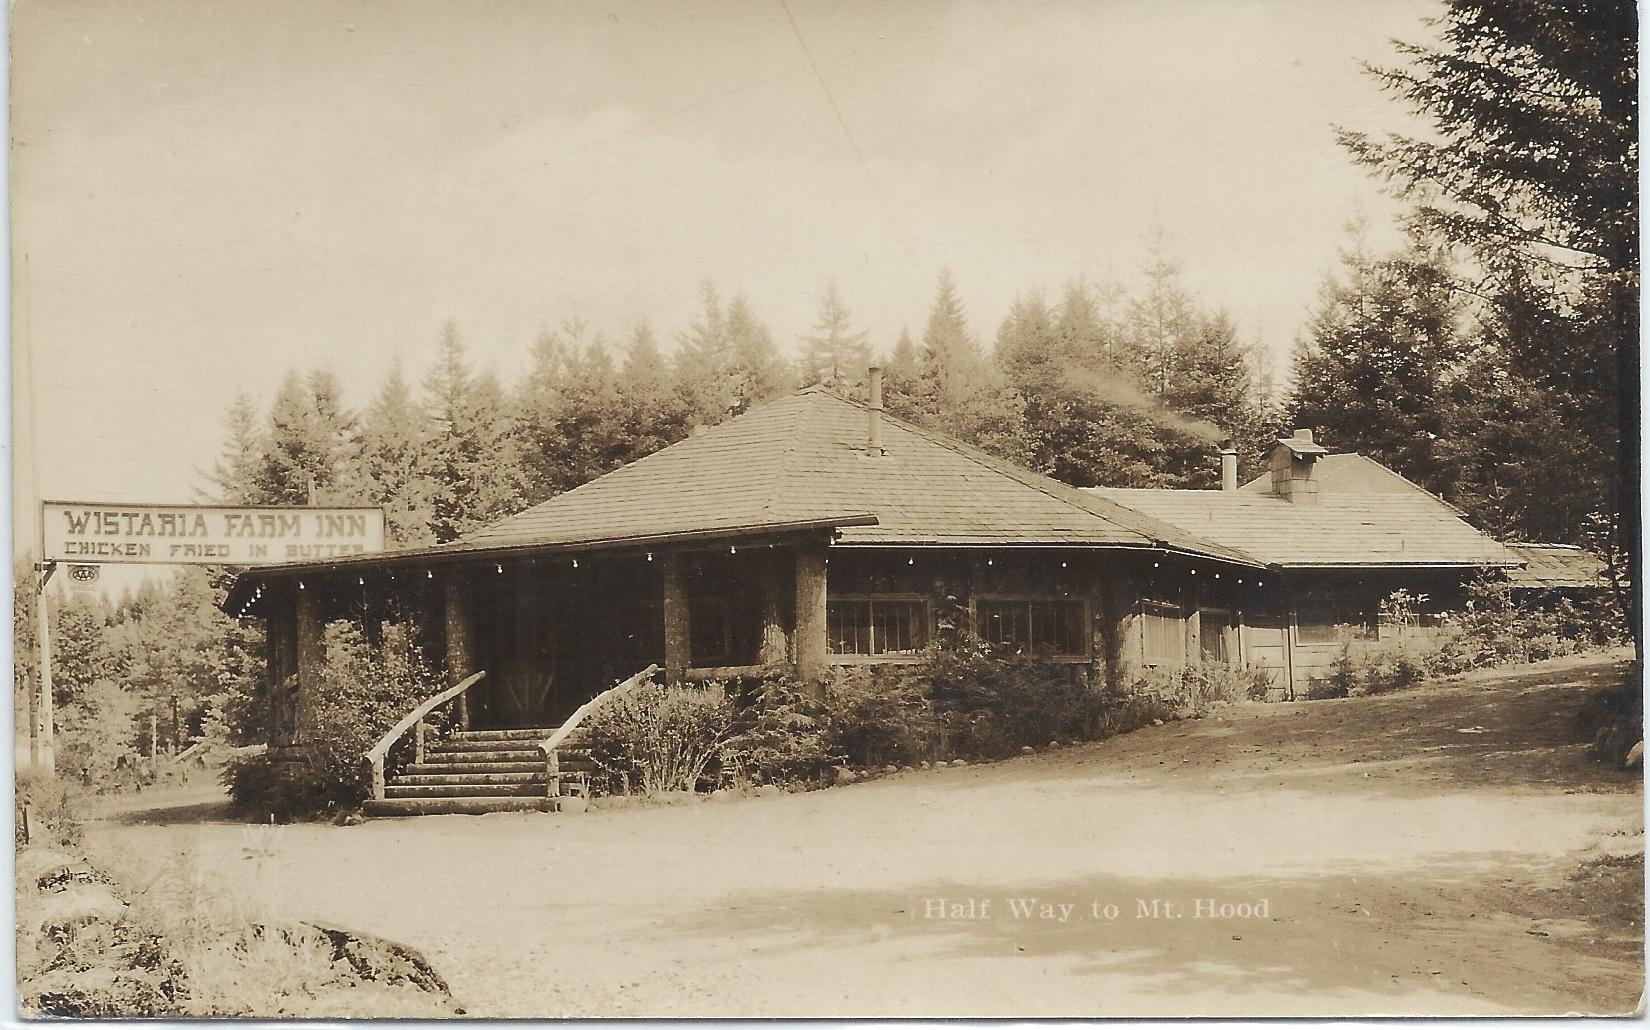 Wistaria Farm Inn